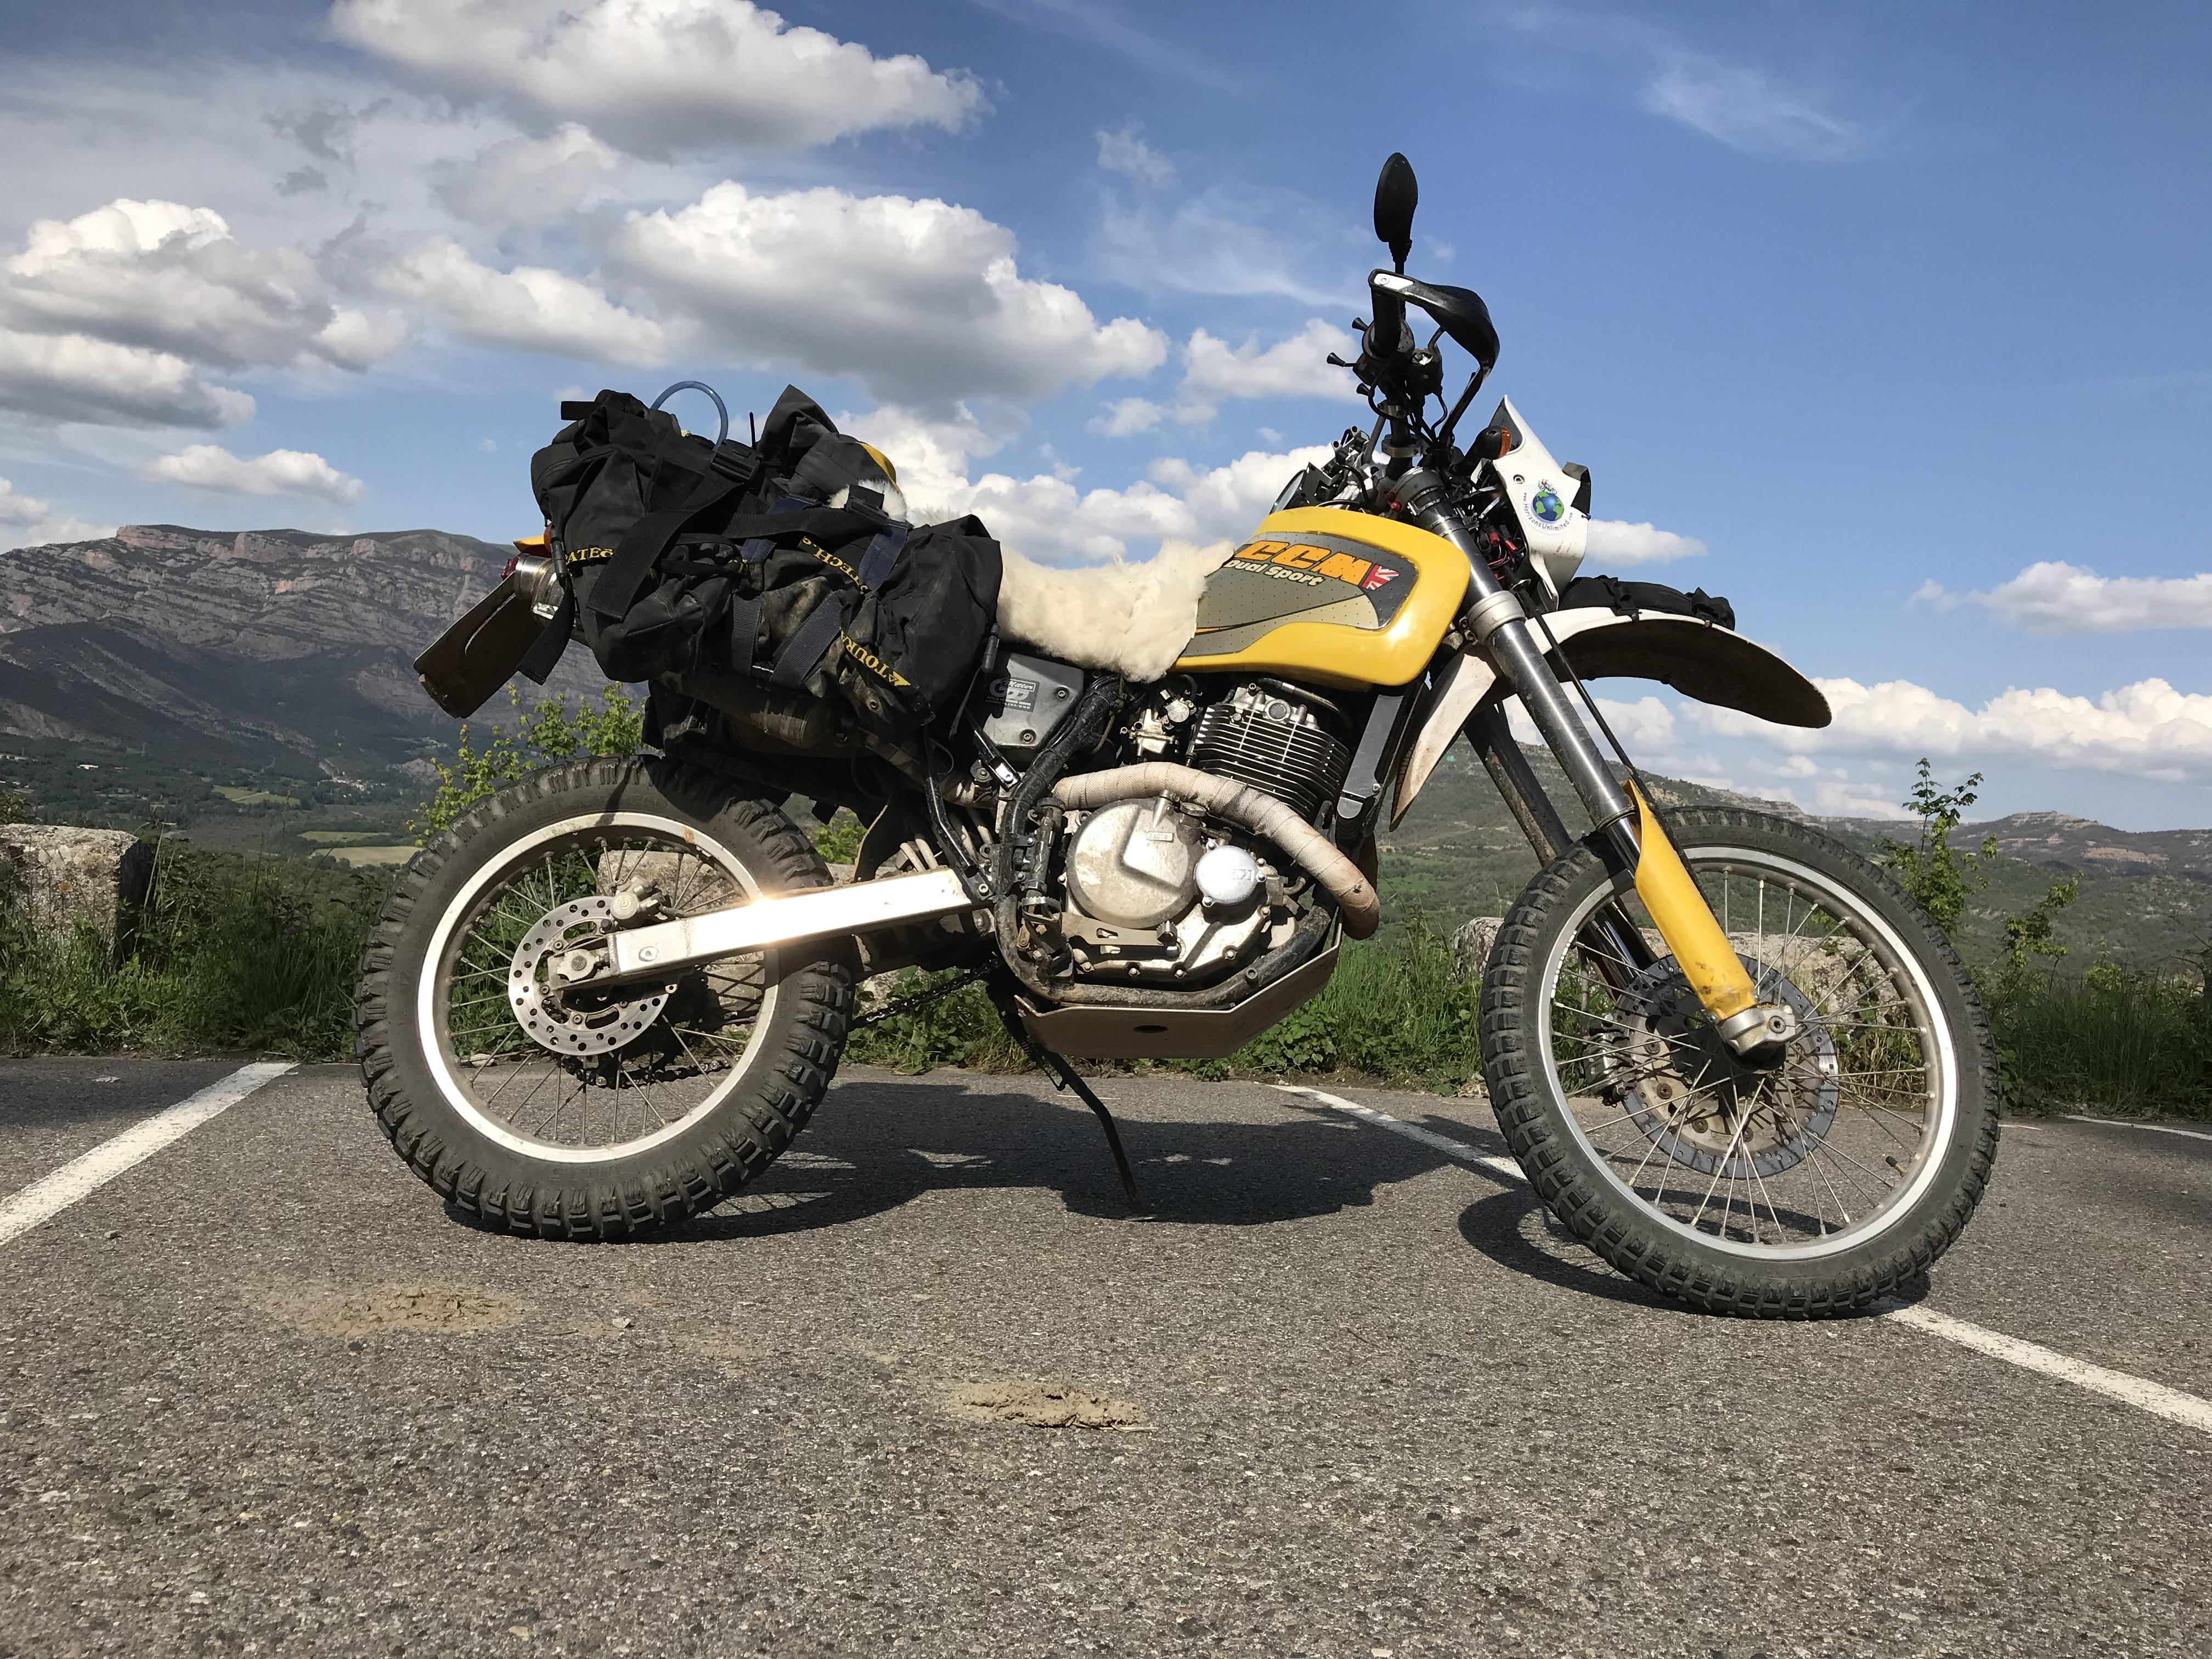 Endurowandern Und Motorradreisen